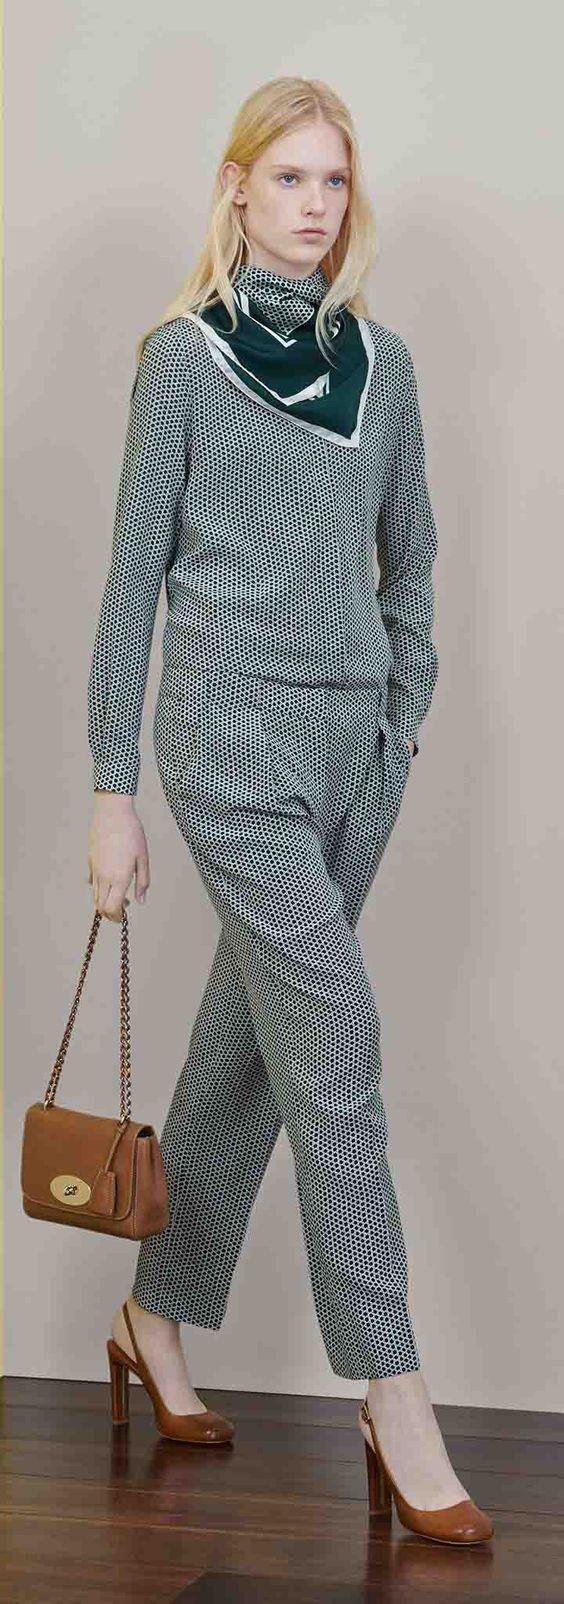 #Mulberry 2015 Resort Collection  #fashionshows #designerwear